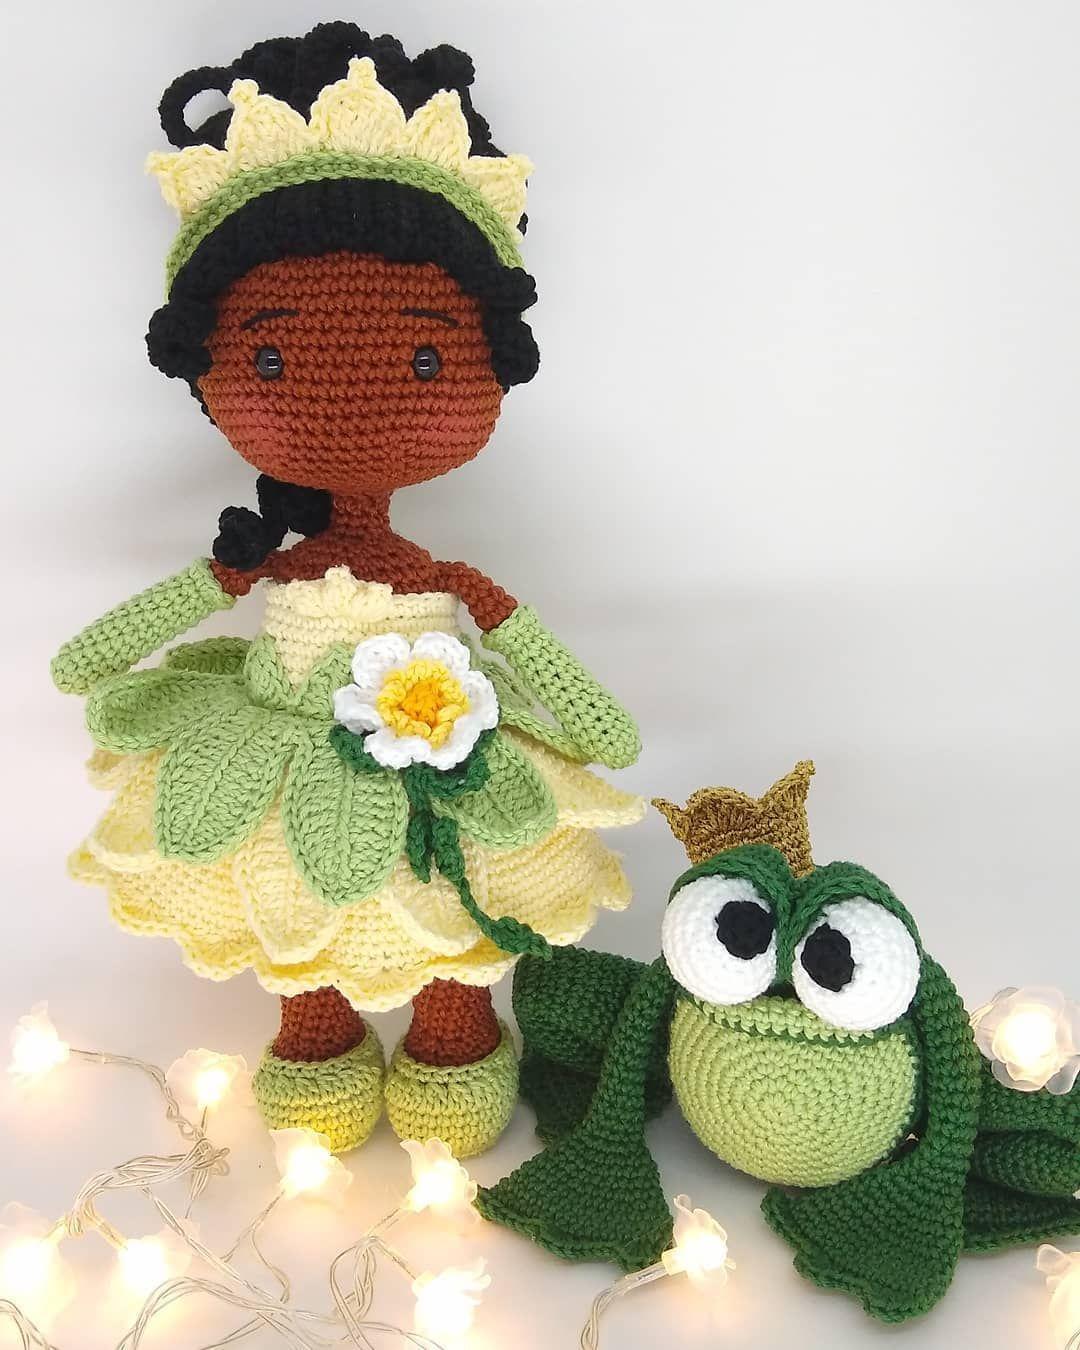 767 Curtidas 99 Comentarios Barroca Atelie Oficial Barroca Atelie No Instagram Tiana A Princesa E O Sapo E Em 2020 Boneca De Crochet Brinquedos De Croche Tiana